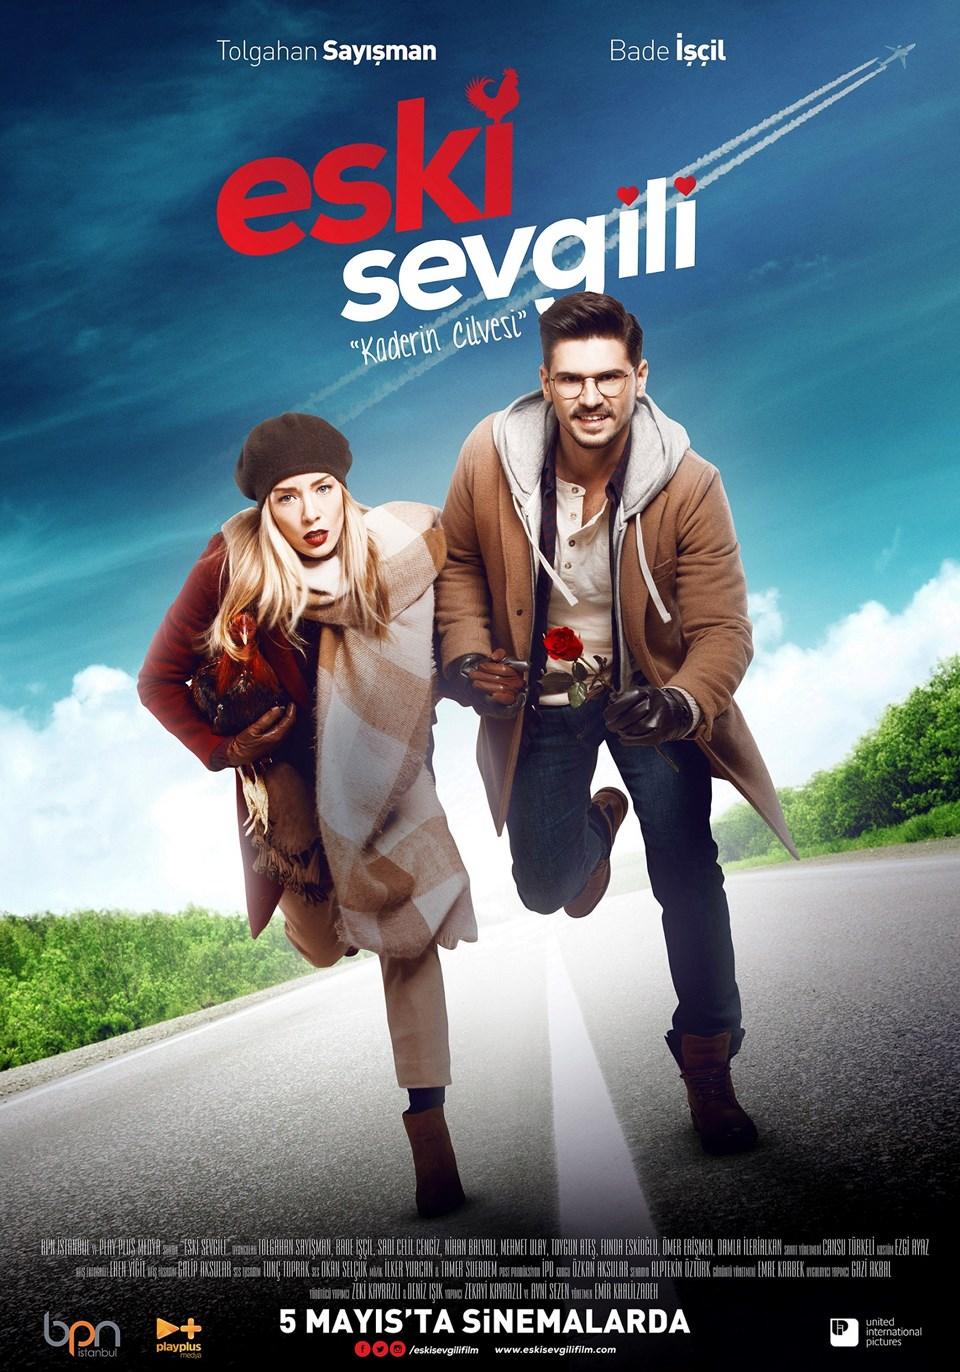 فيلم الحبيب السابق Eski Sevgili